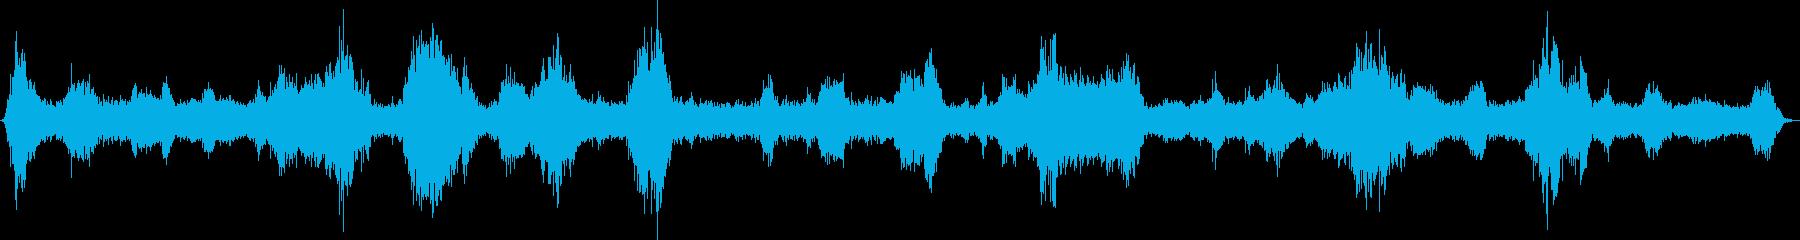 5分間の風・高所・空の音(風切り音)の再生済みの波形